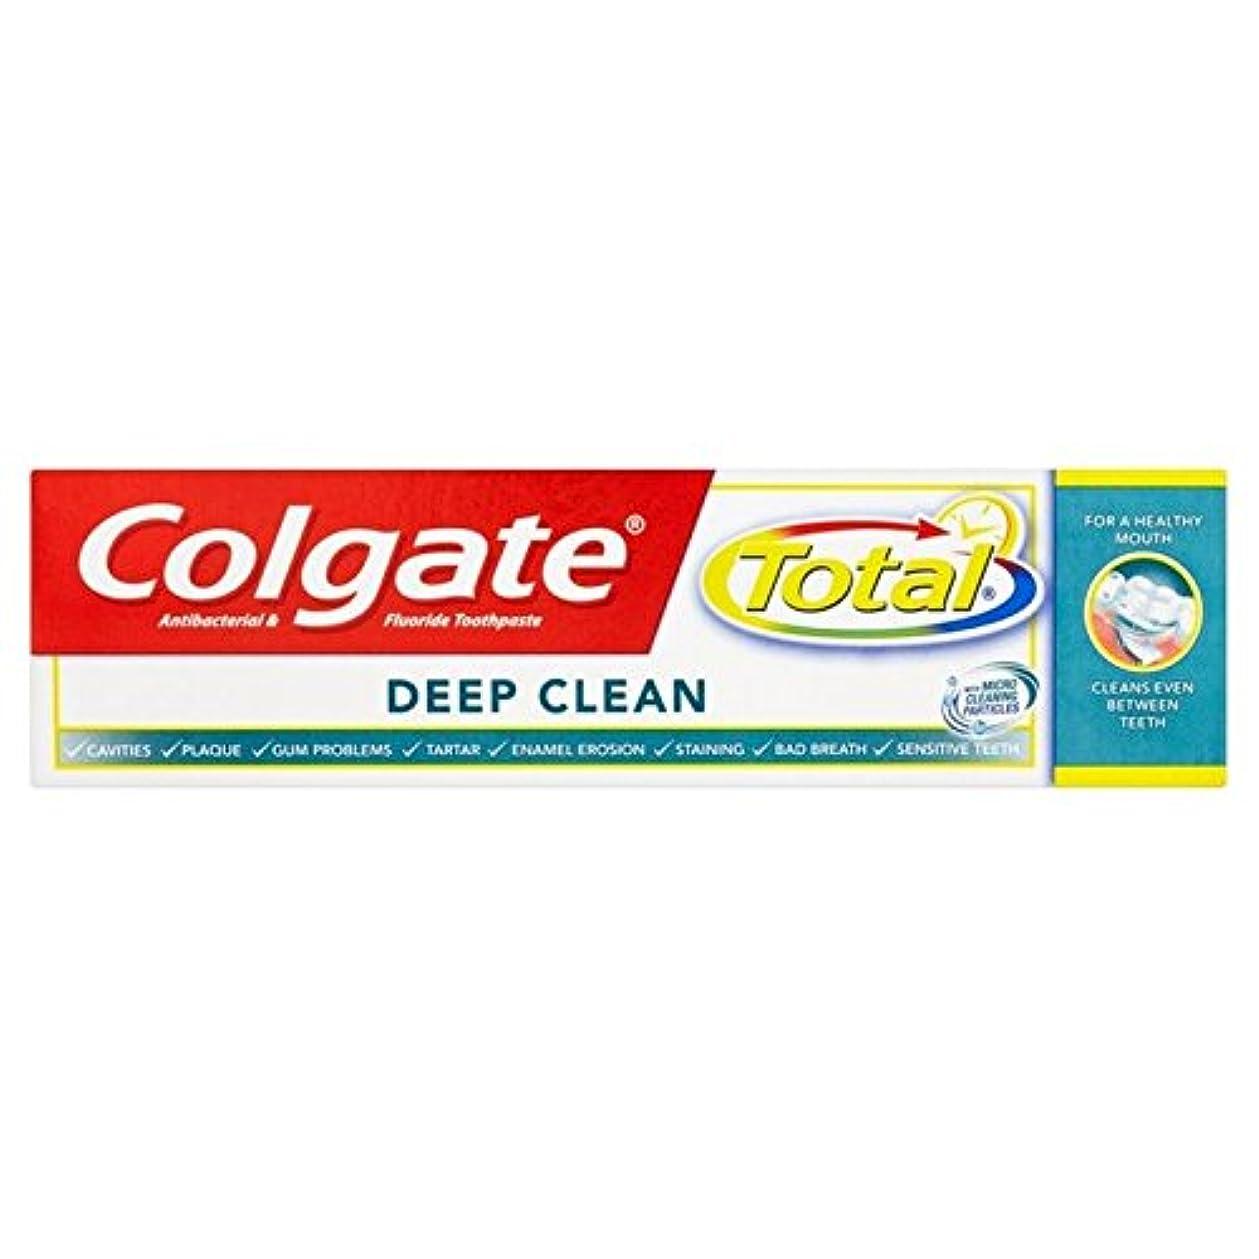 朝二割り当てるコルゲートトータル深いクリーン歯磨き粉75ミリリットル x4 - Colgate Total Deep Clean Toothpaste 75ml (Pack of 4) [並行輸入品]